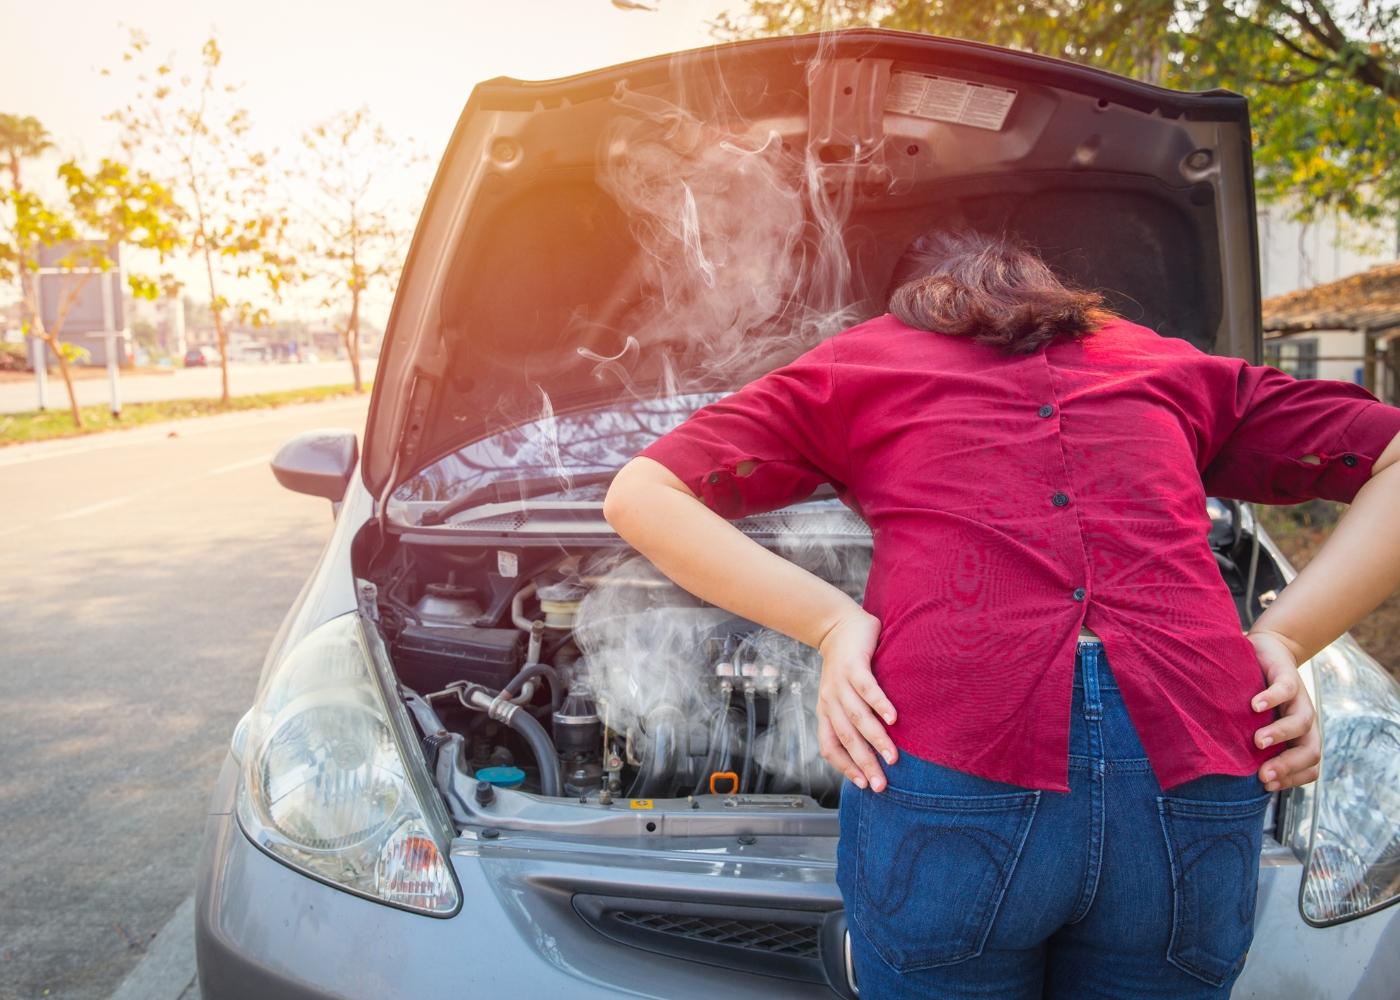 mulher a ver motor do carro em autocombustão